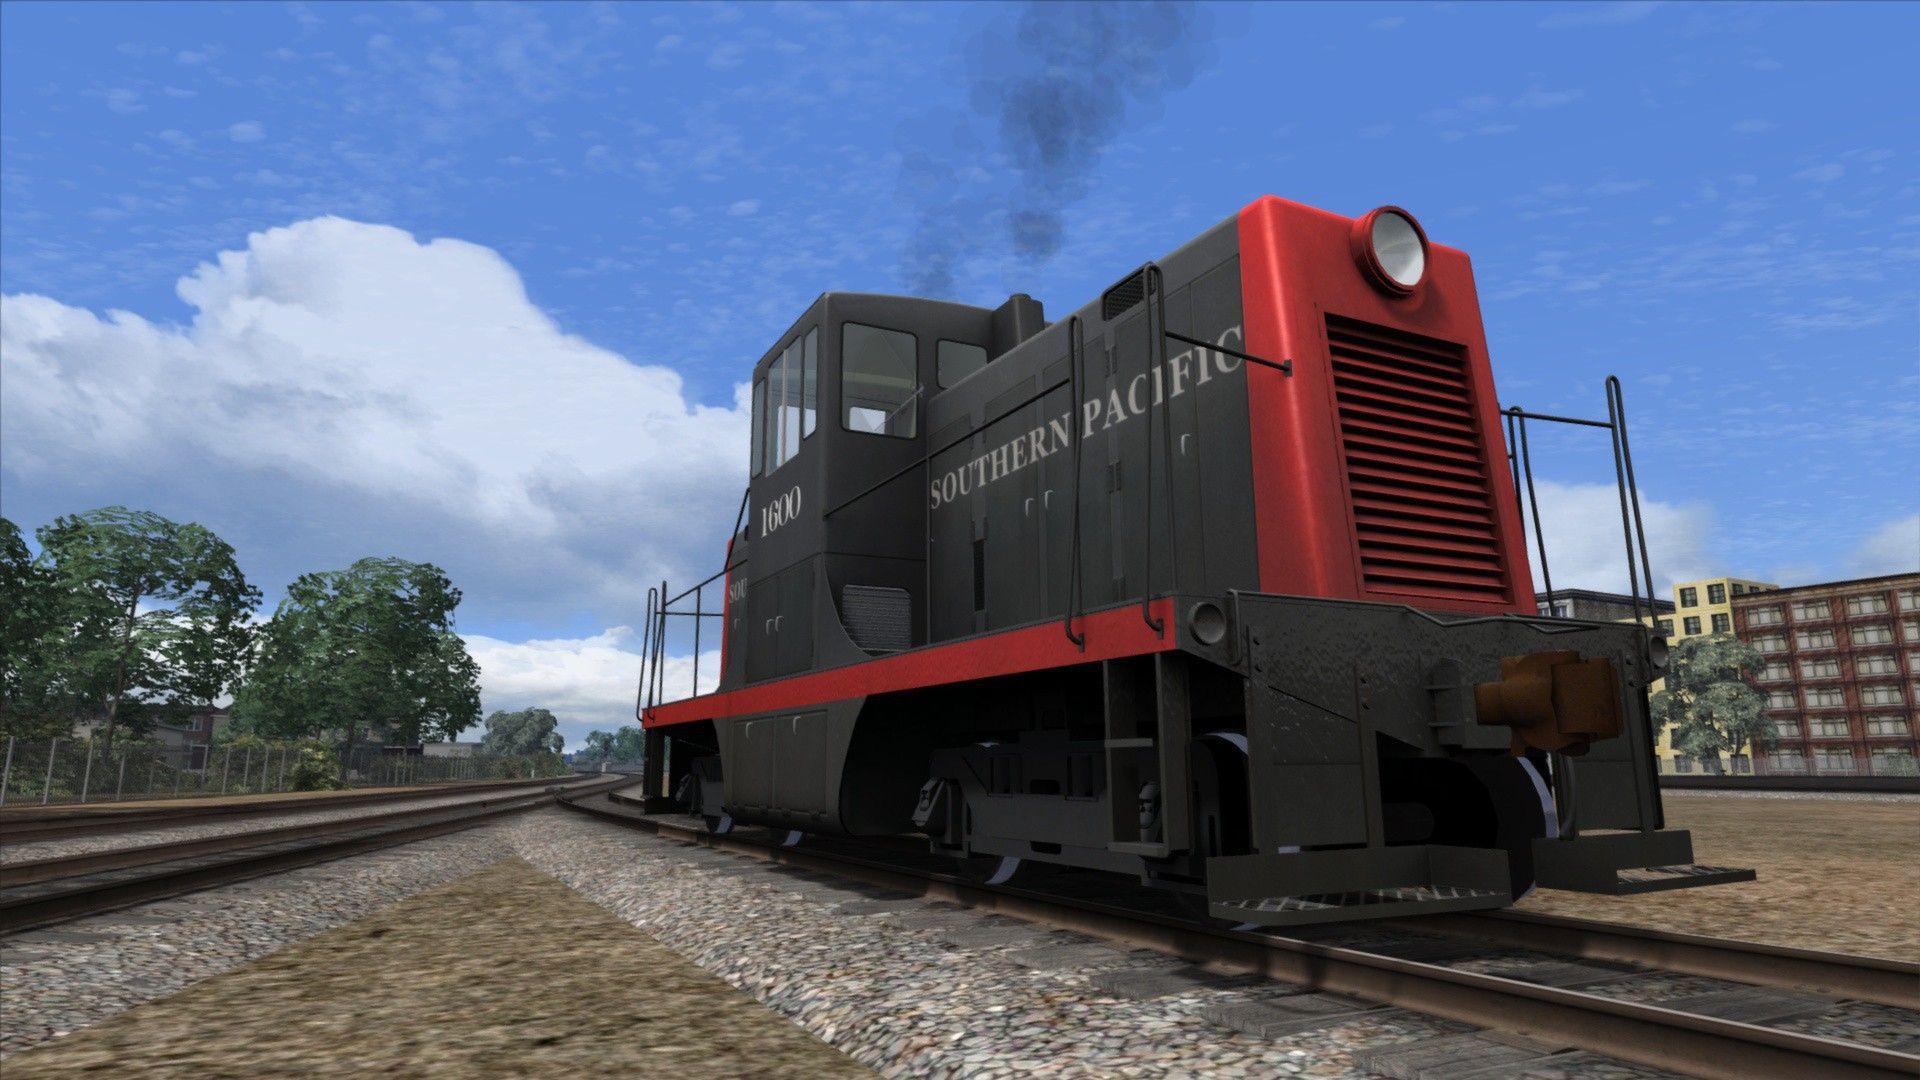 SPGE445